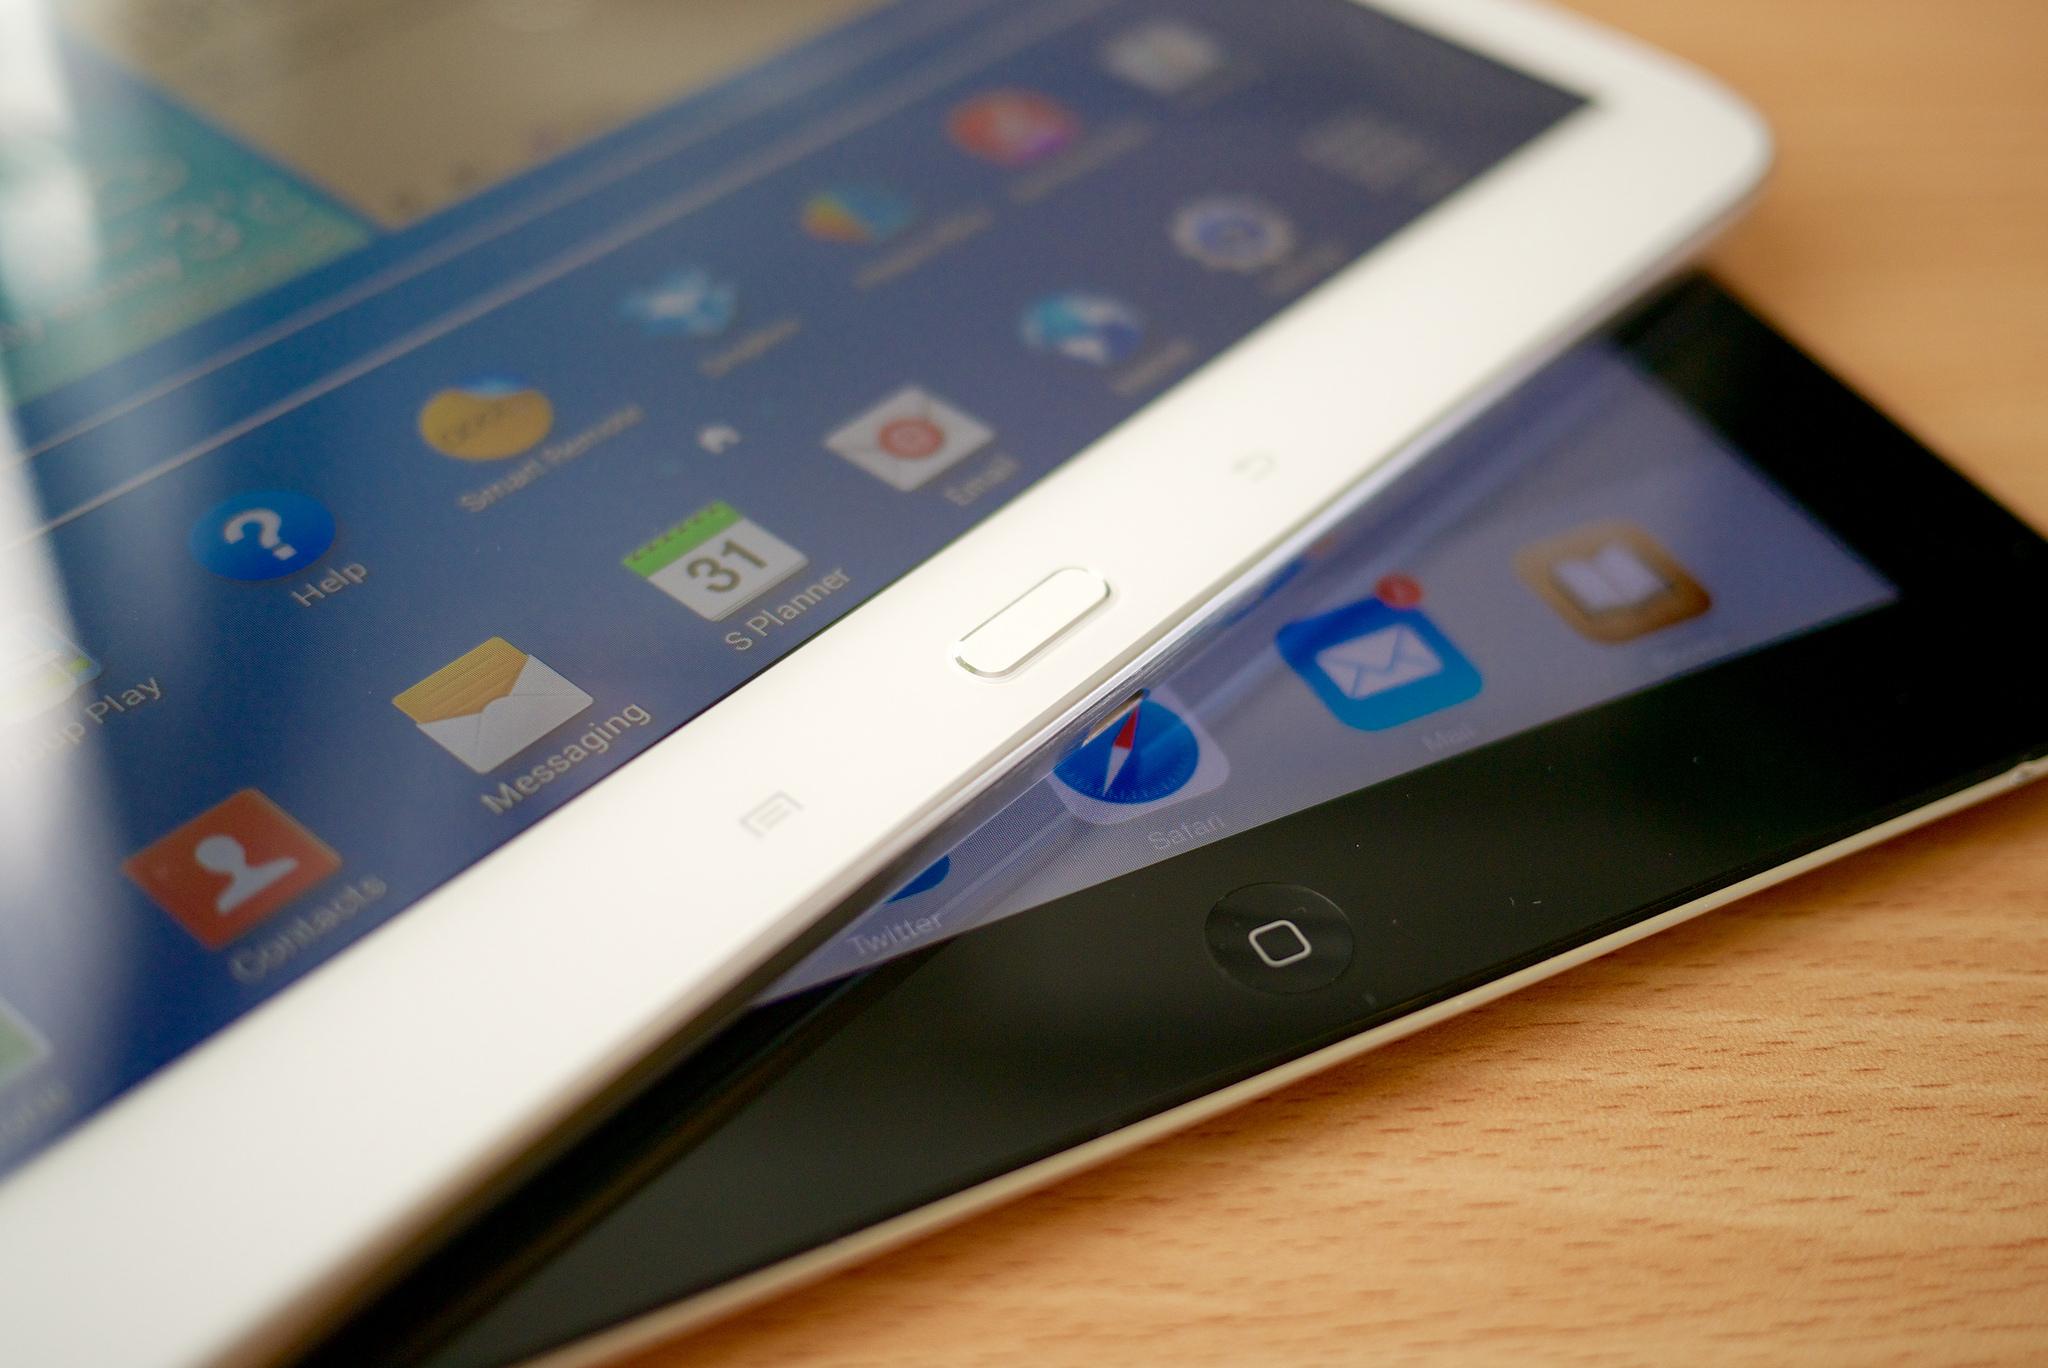 Конкуренты iPad: как они будут развиваться и что их ждет в будущем